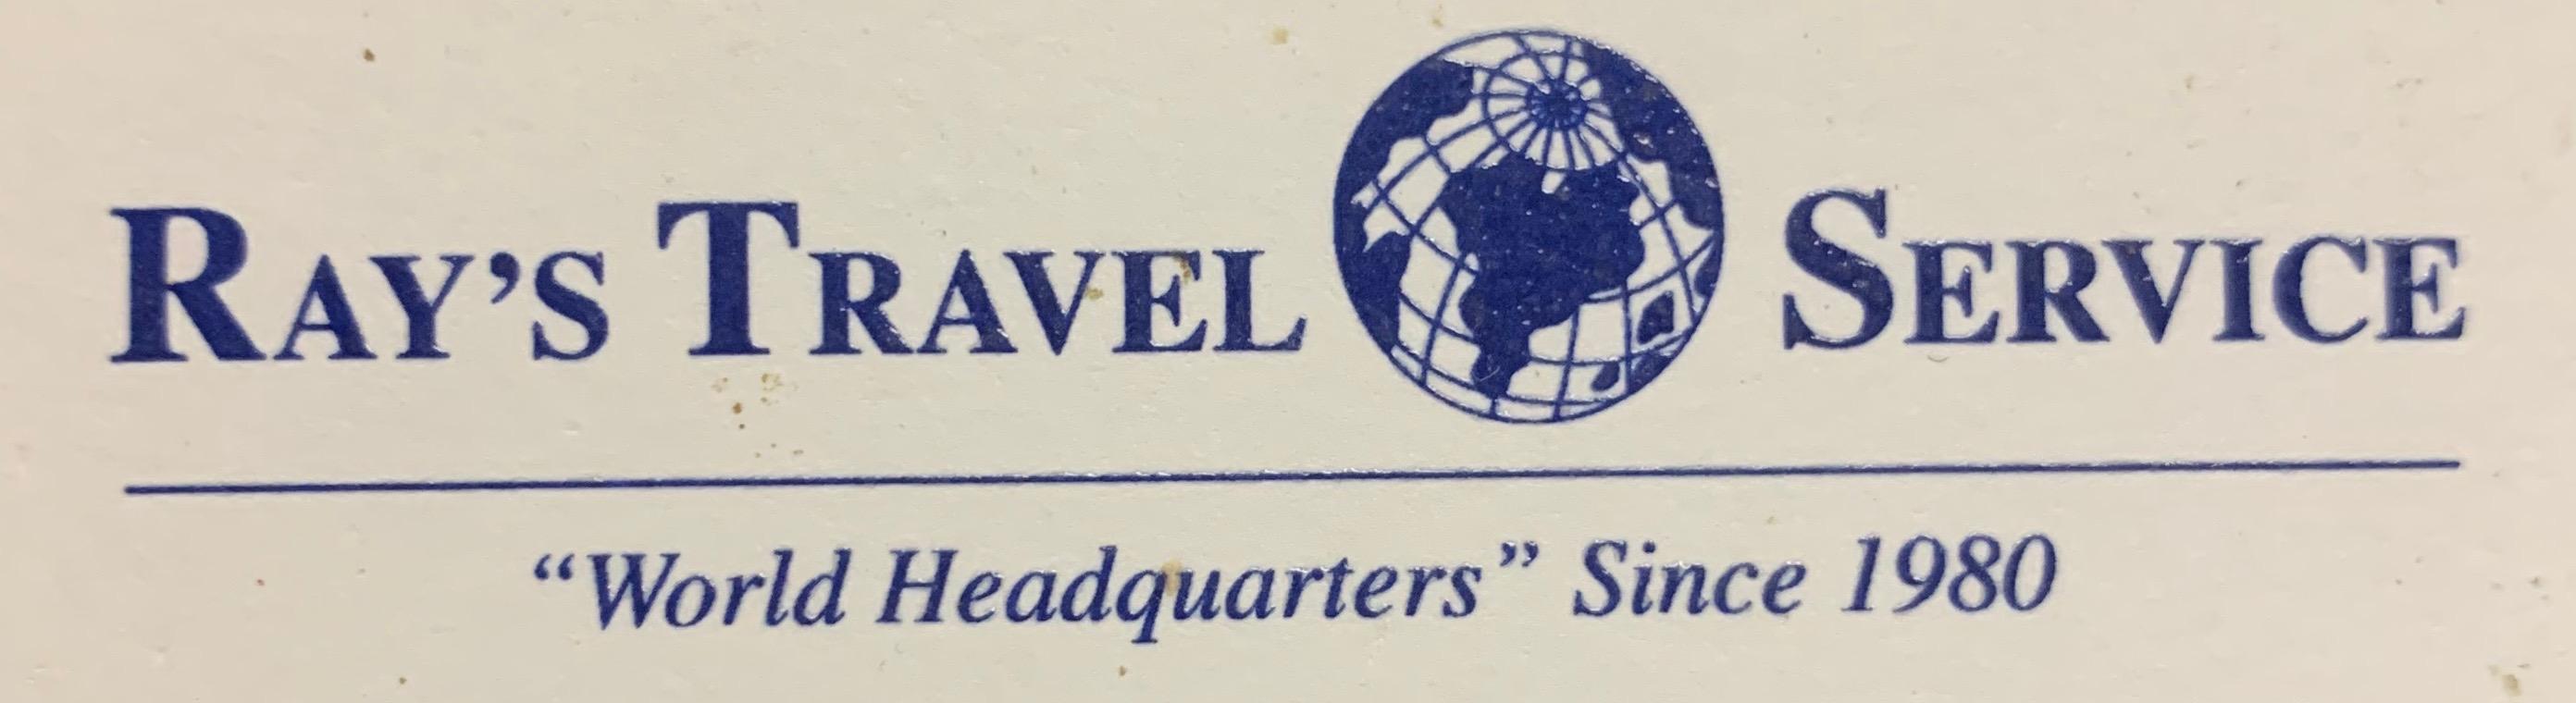 Ray's Travel Service